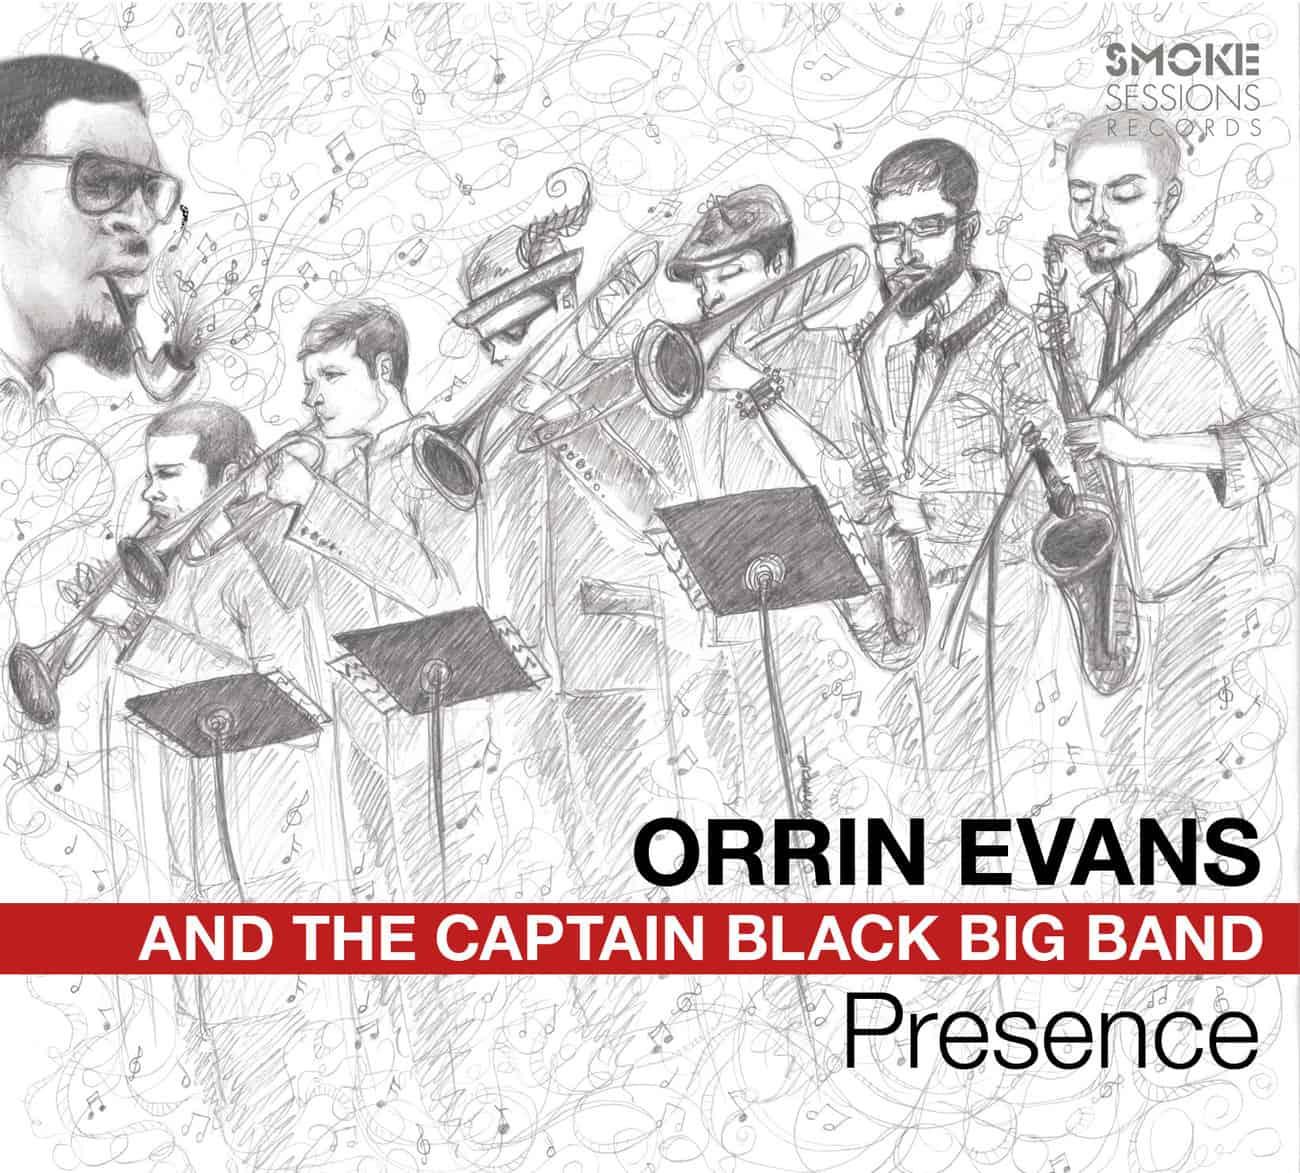 Orrin Evans CBBB PRESENCE_Cover WEB